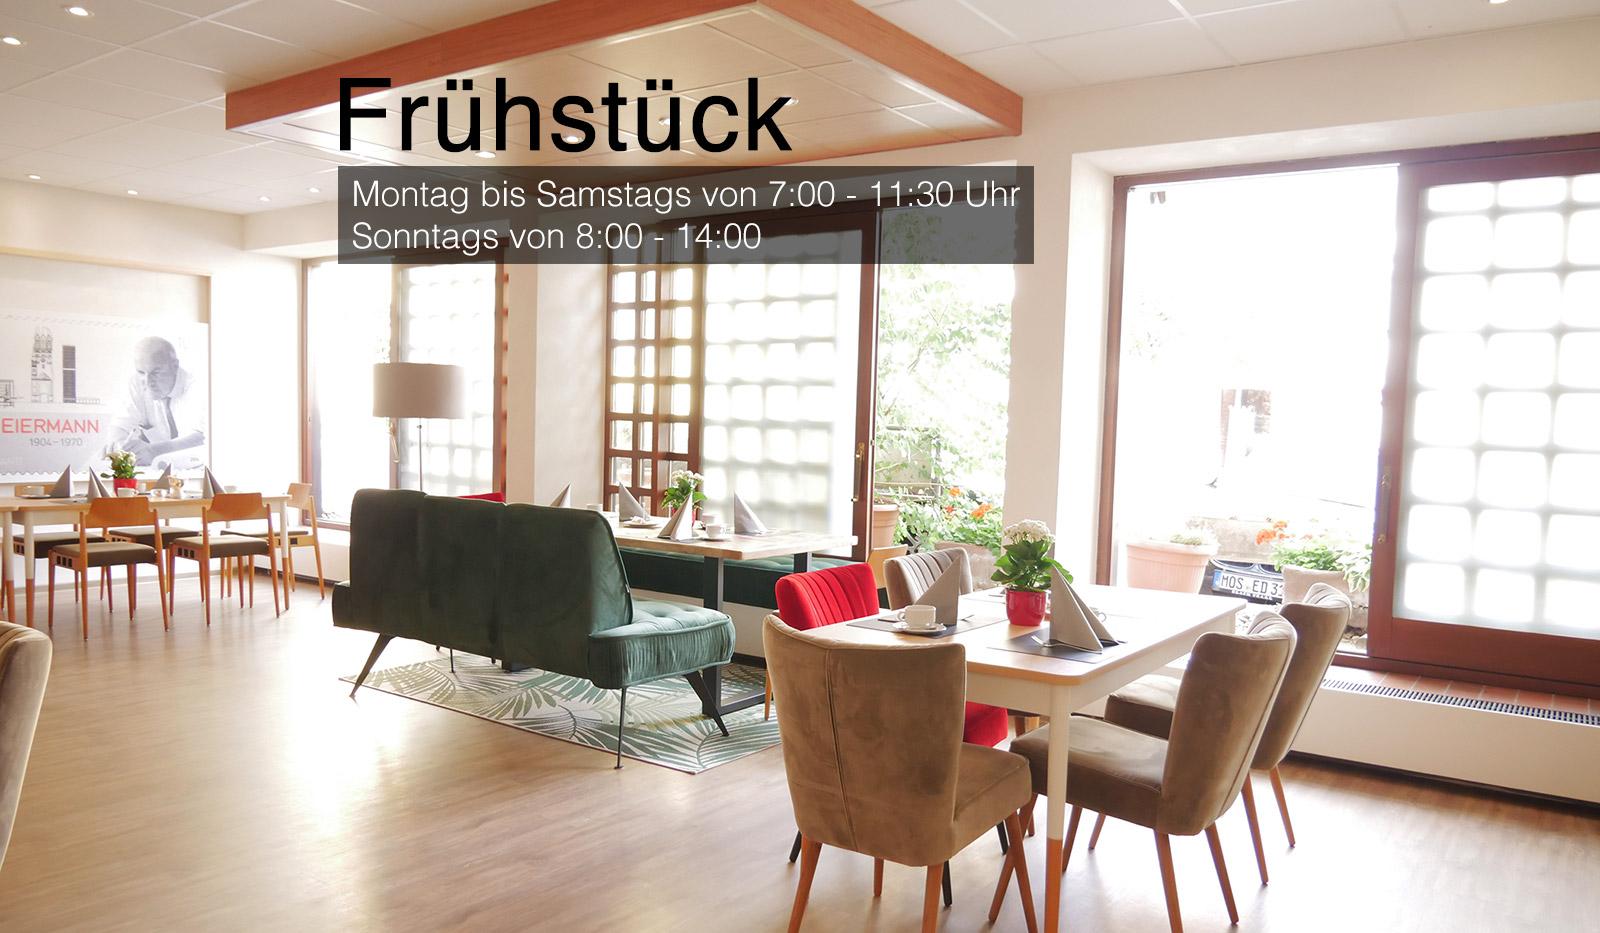 fruehstueck_22_10